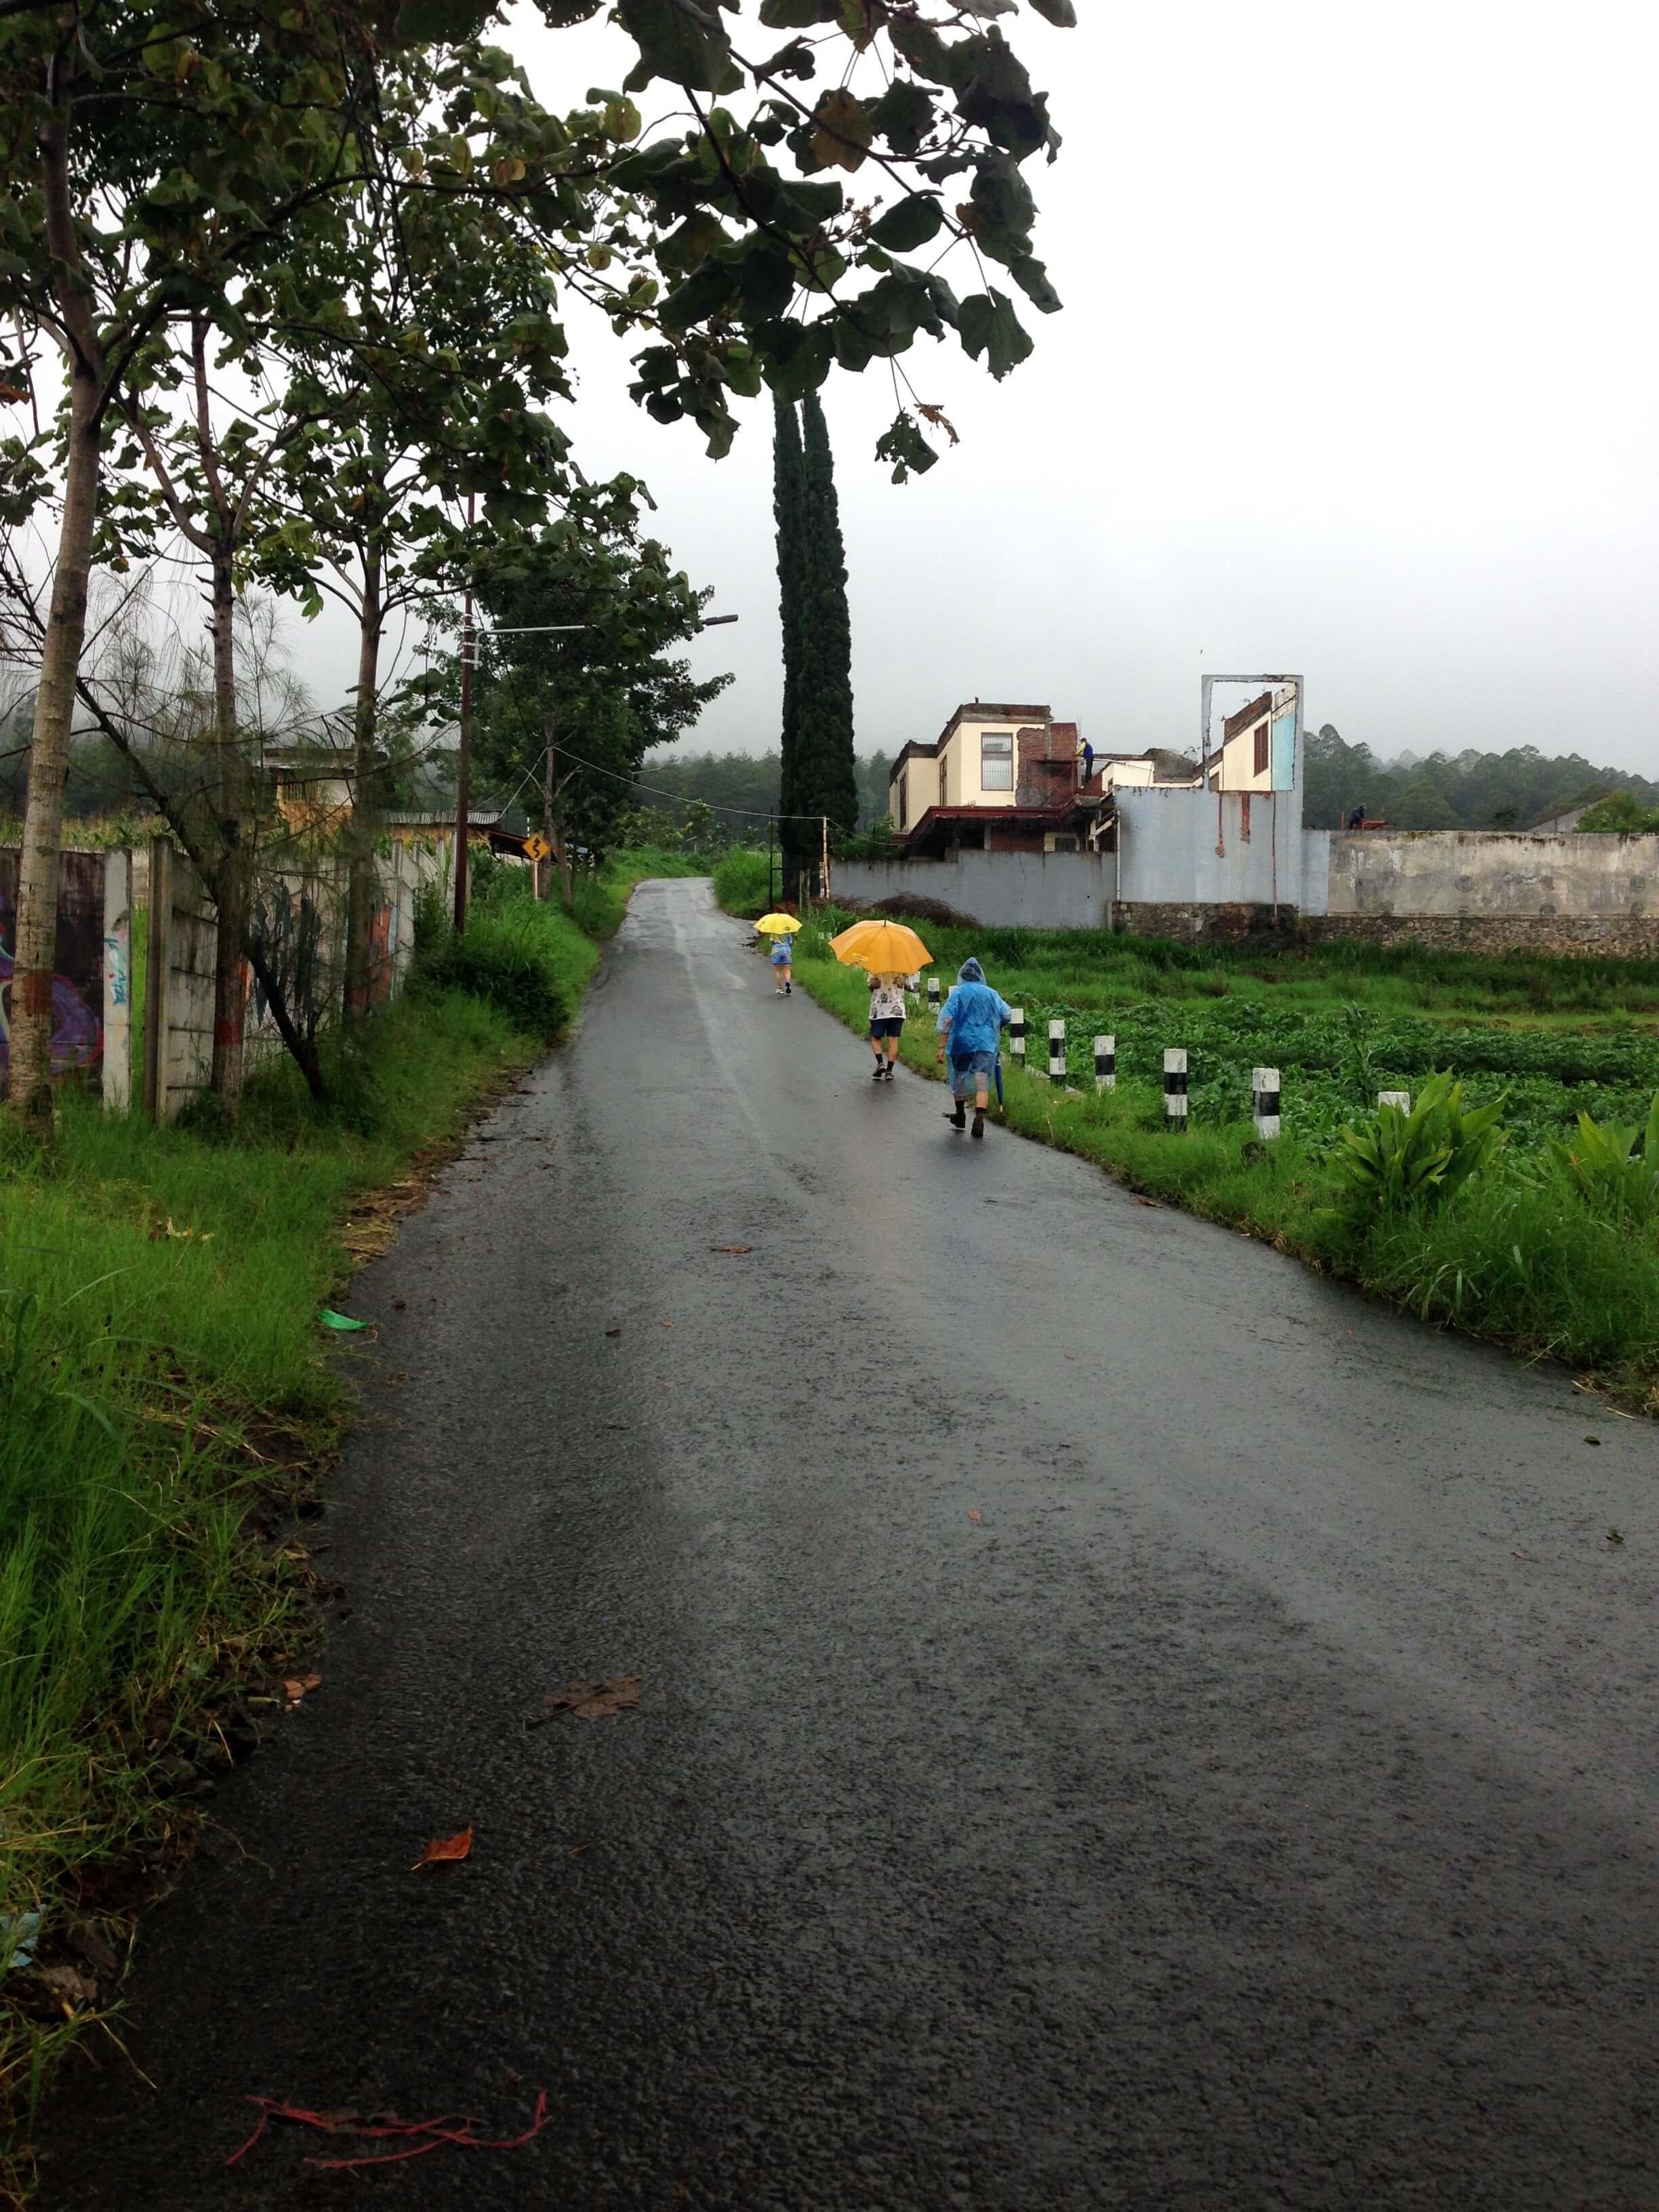 アグロウィサタで(Agrowisata)トレイルラン&ウォーキング